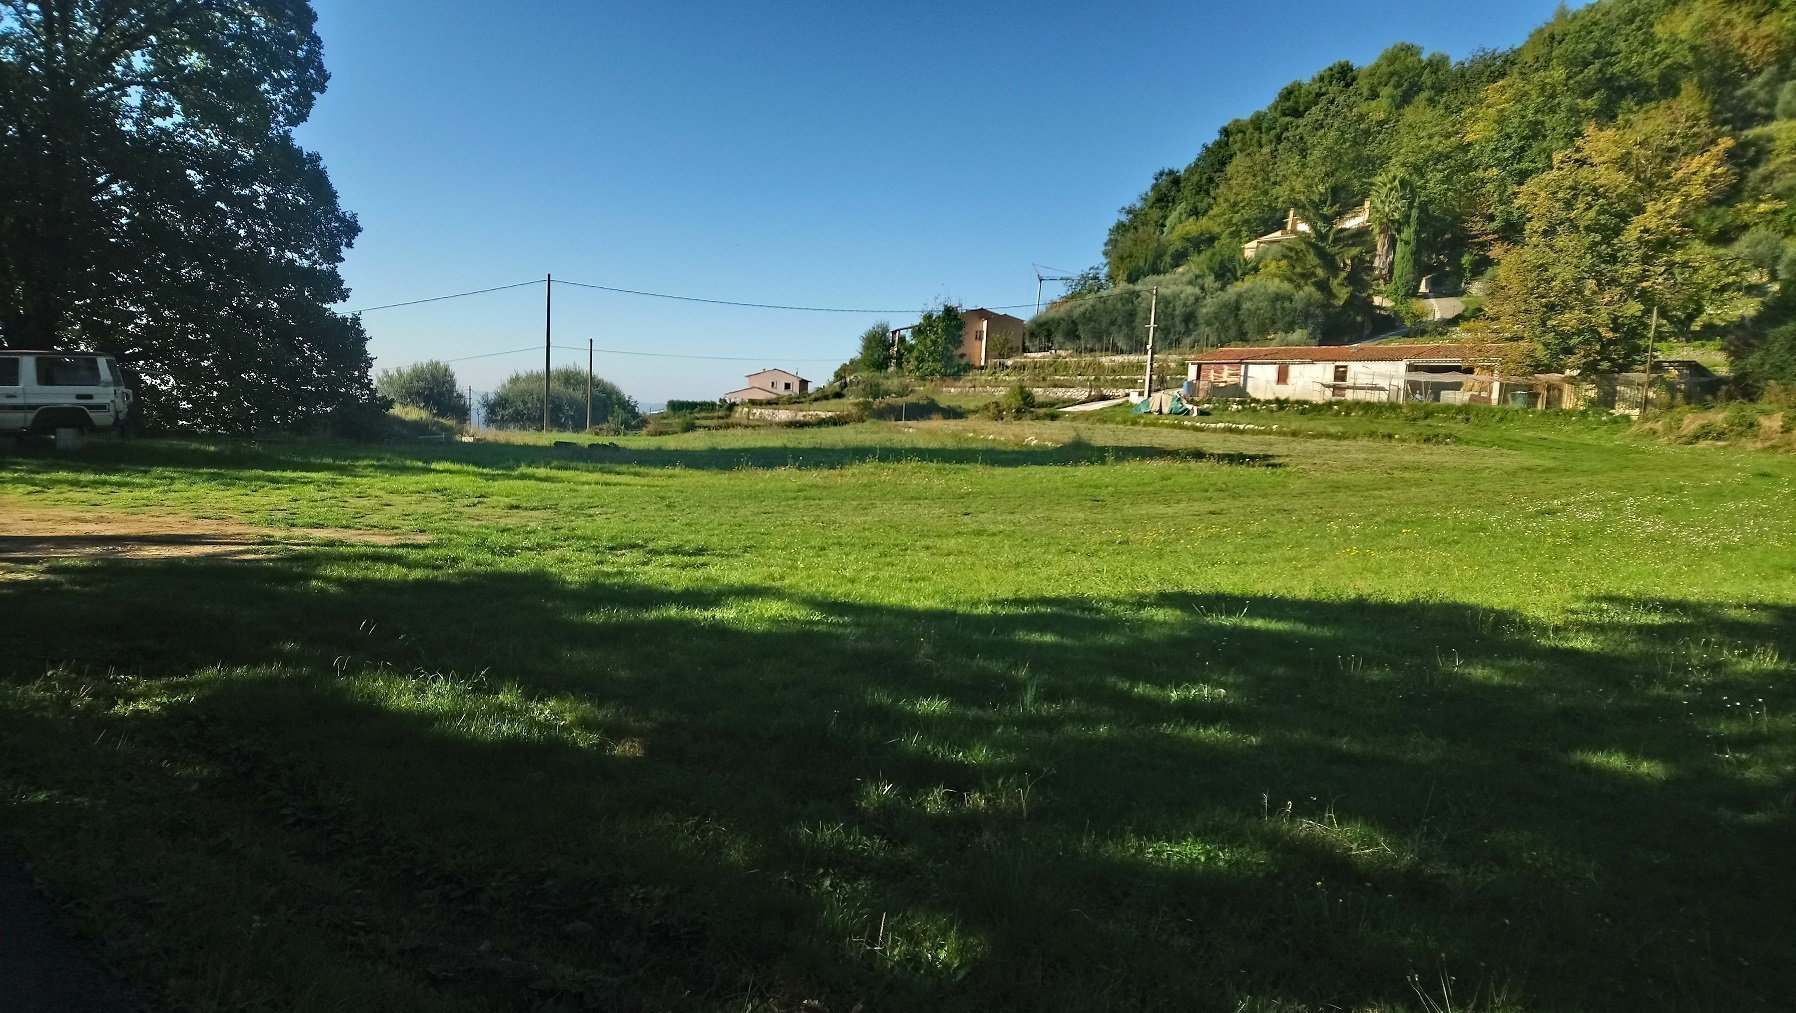 Sale Building land - Tourrettes-sur-Loup